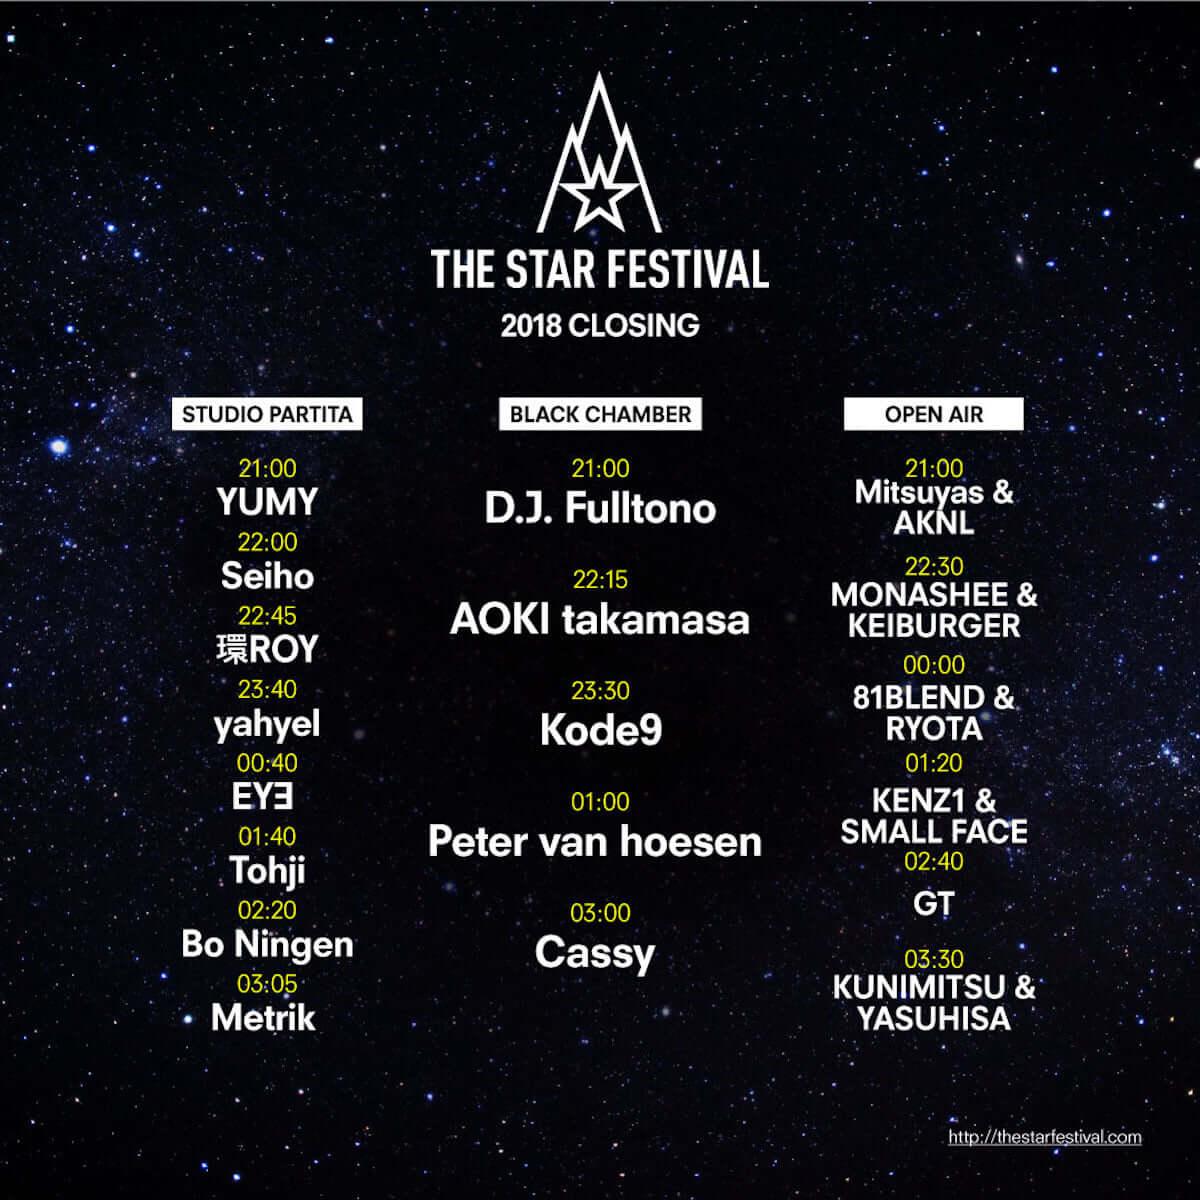 12月30日開催の『THE STAR FESTIVAL 2018 CLOSING』タイムテーブル発表 music181225-starfes2018-01-1200x1200